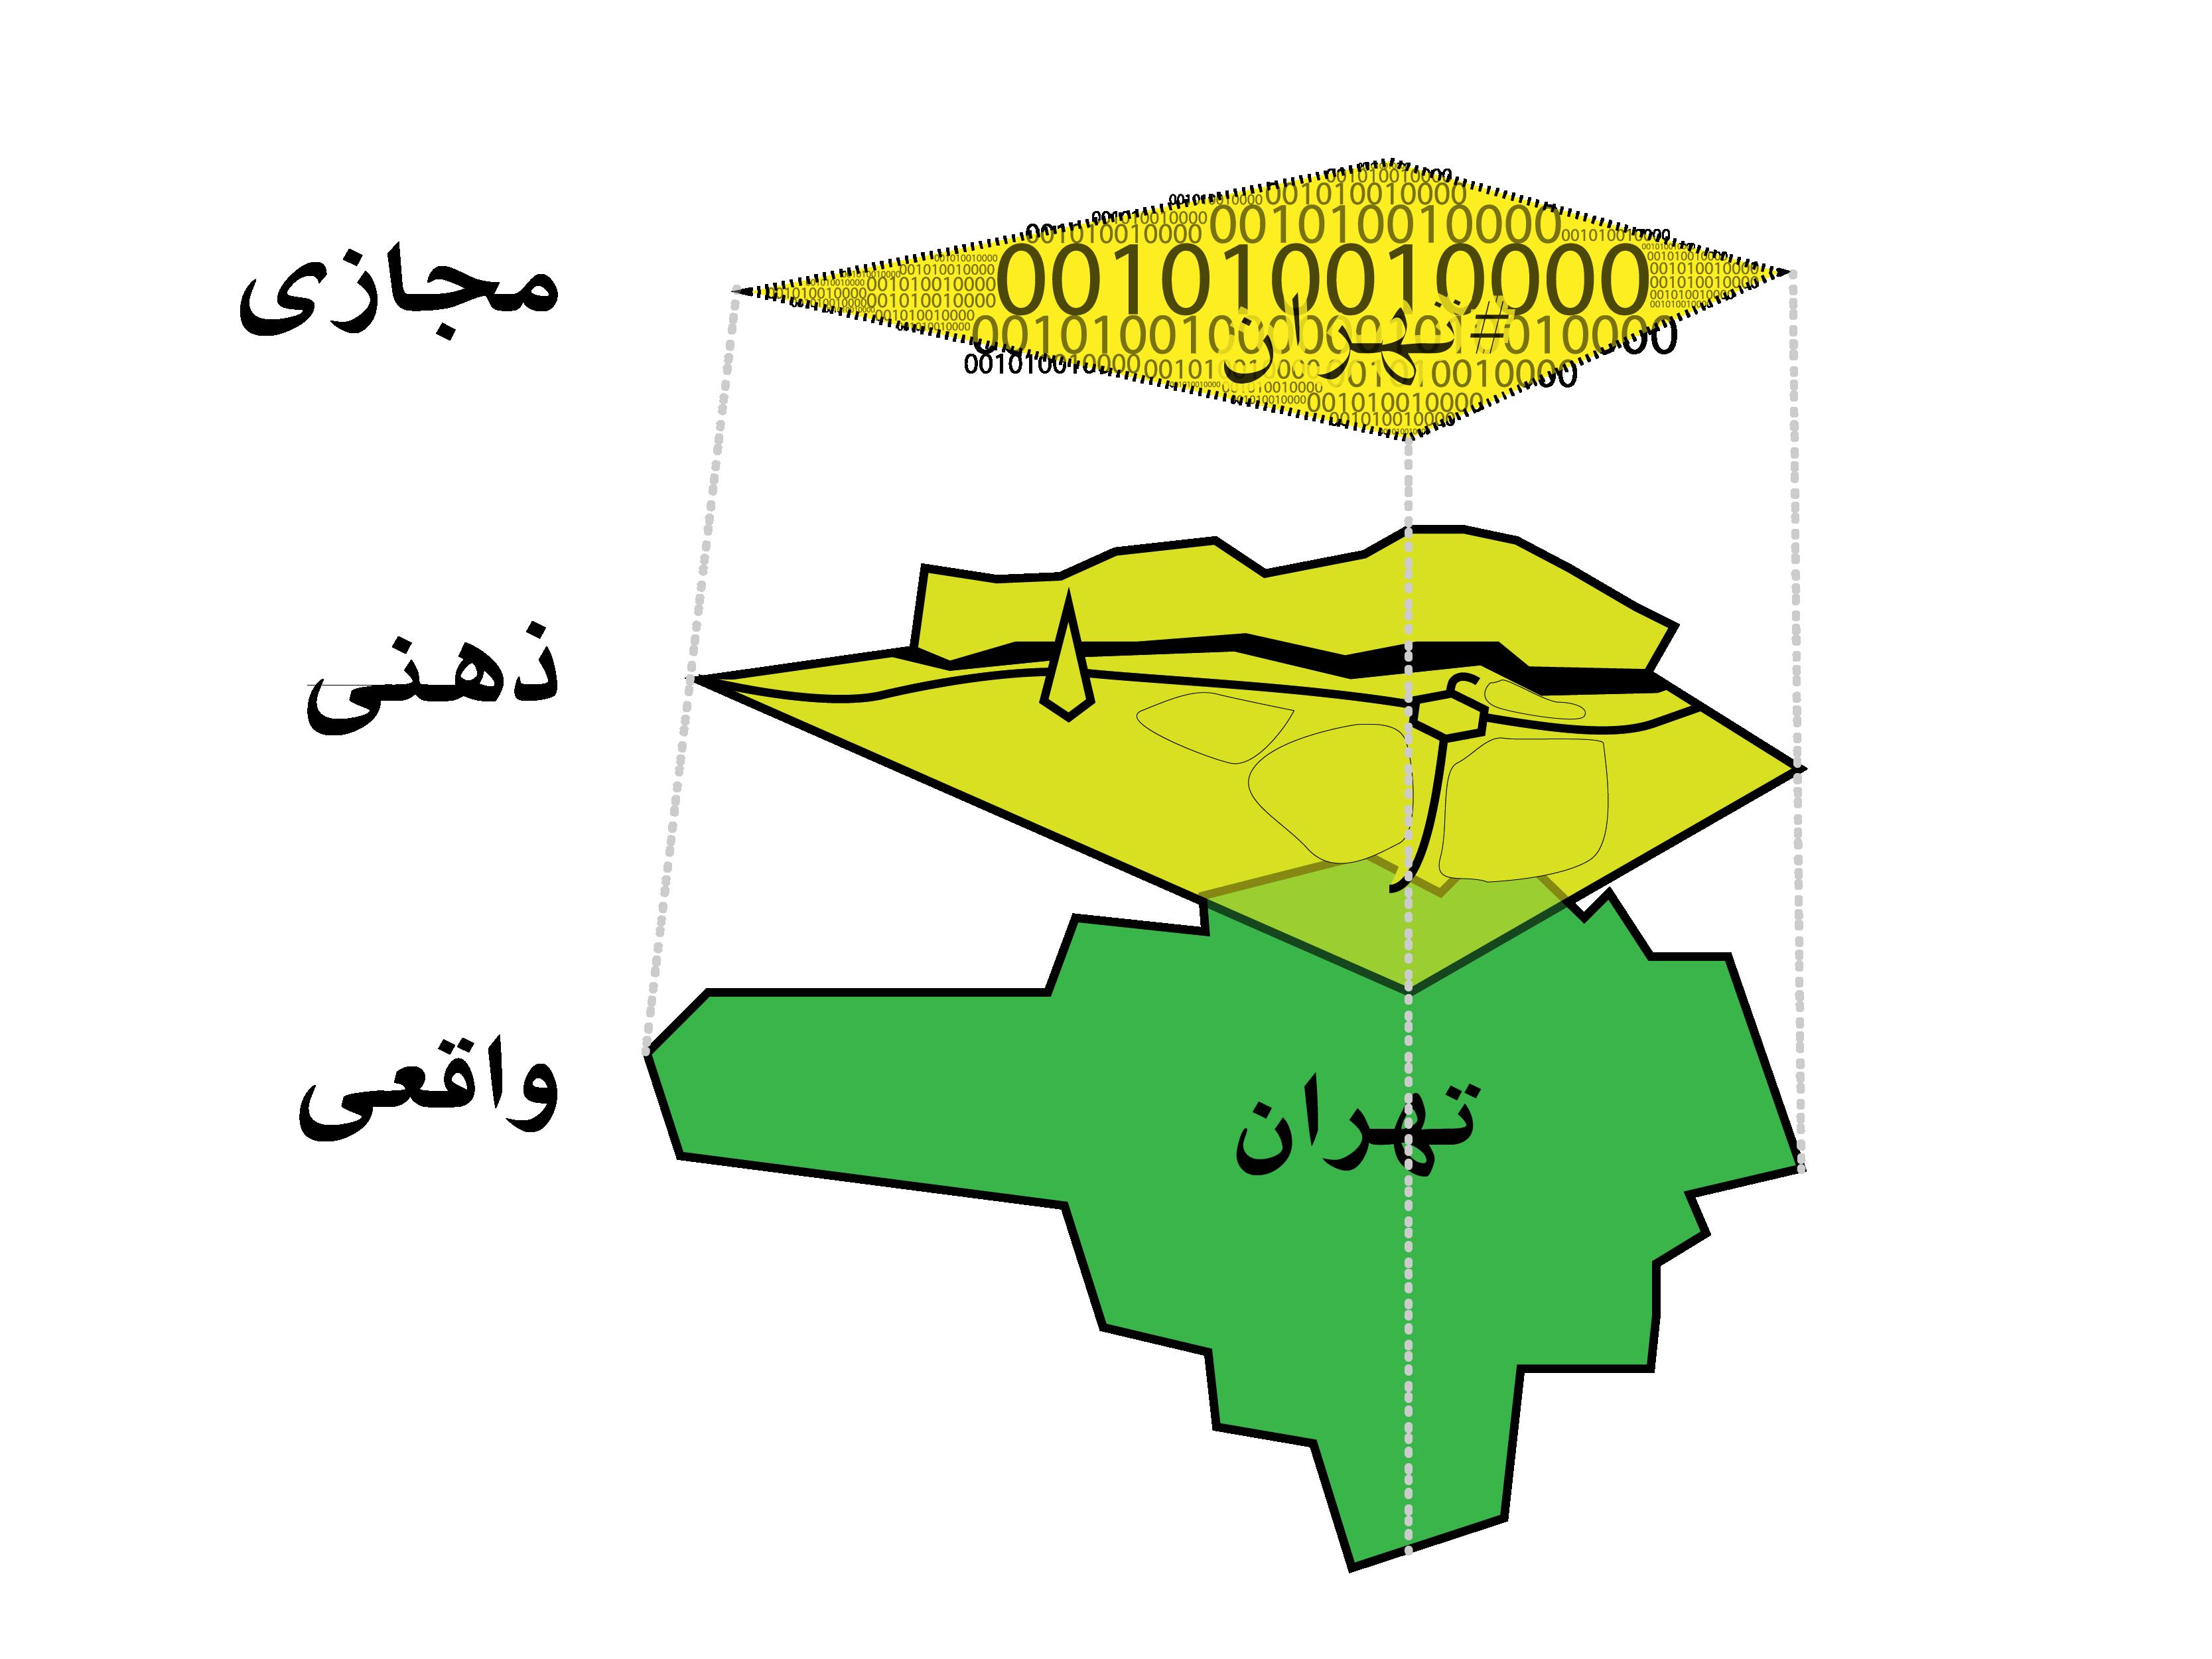 نقش جدید شهروند/کابران در بهپویی شهر